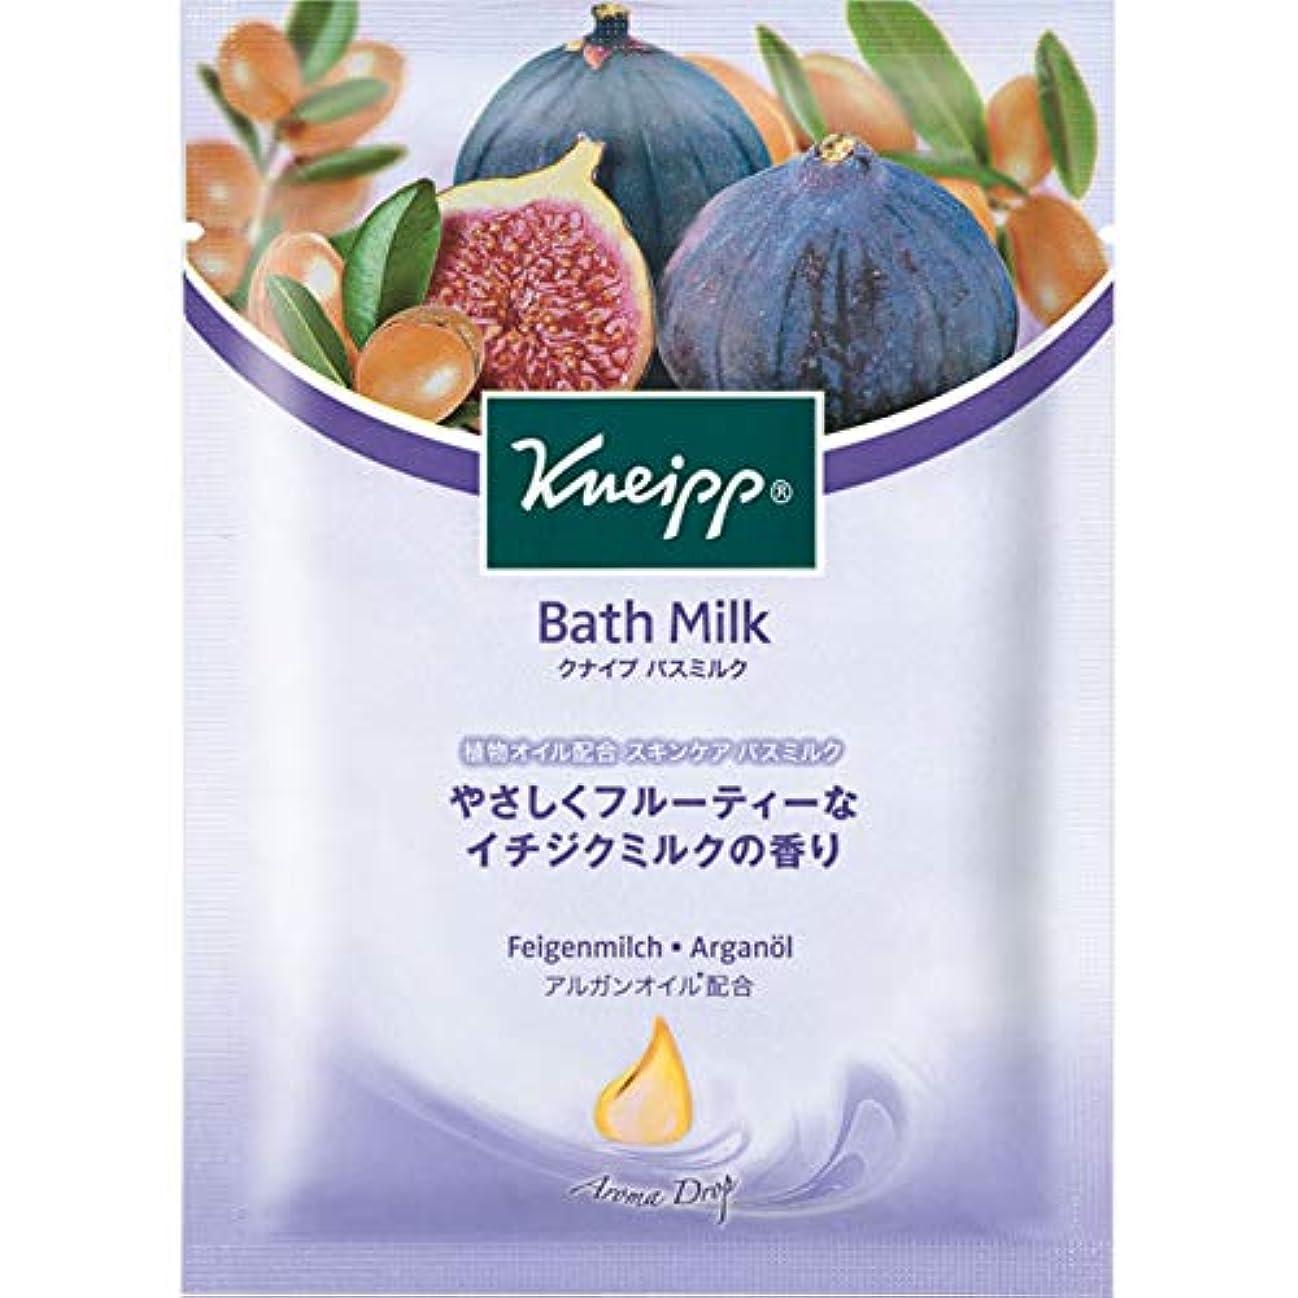 余剰官僚細断クナイプ?ジャパン クナイプ バスミルク イチジクミルク 40ml